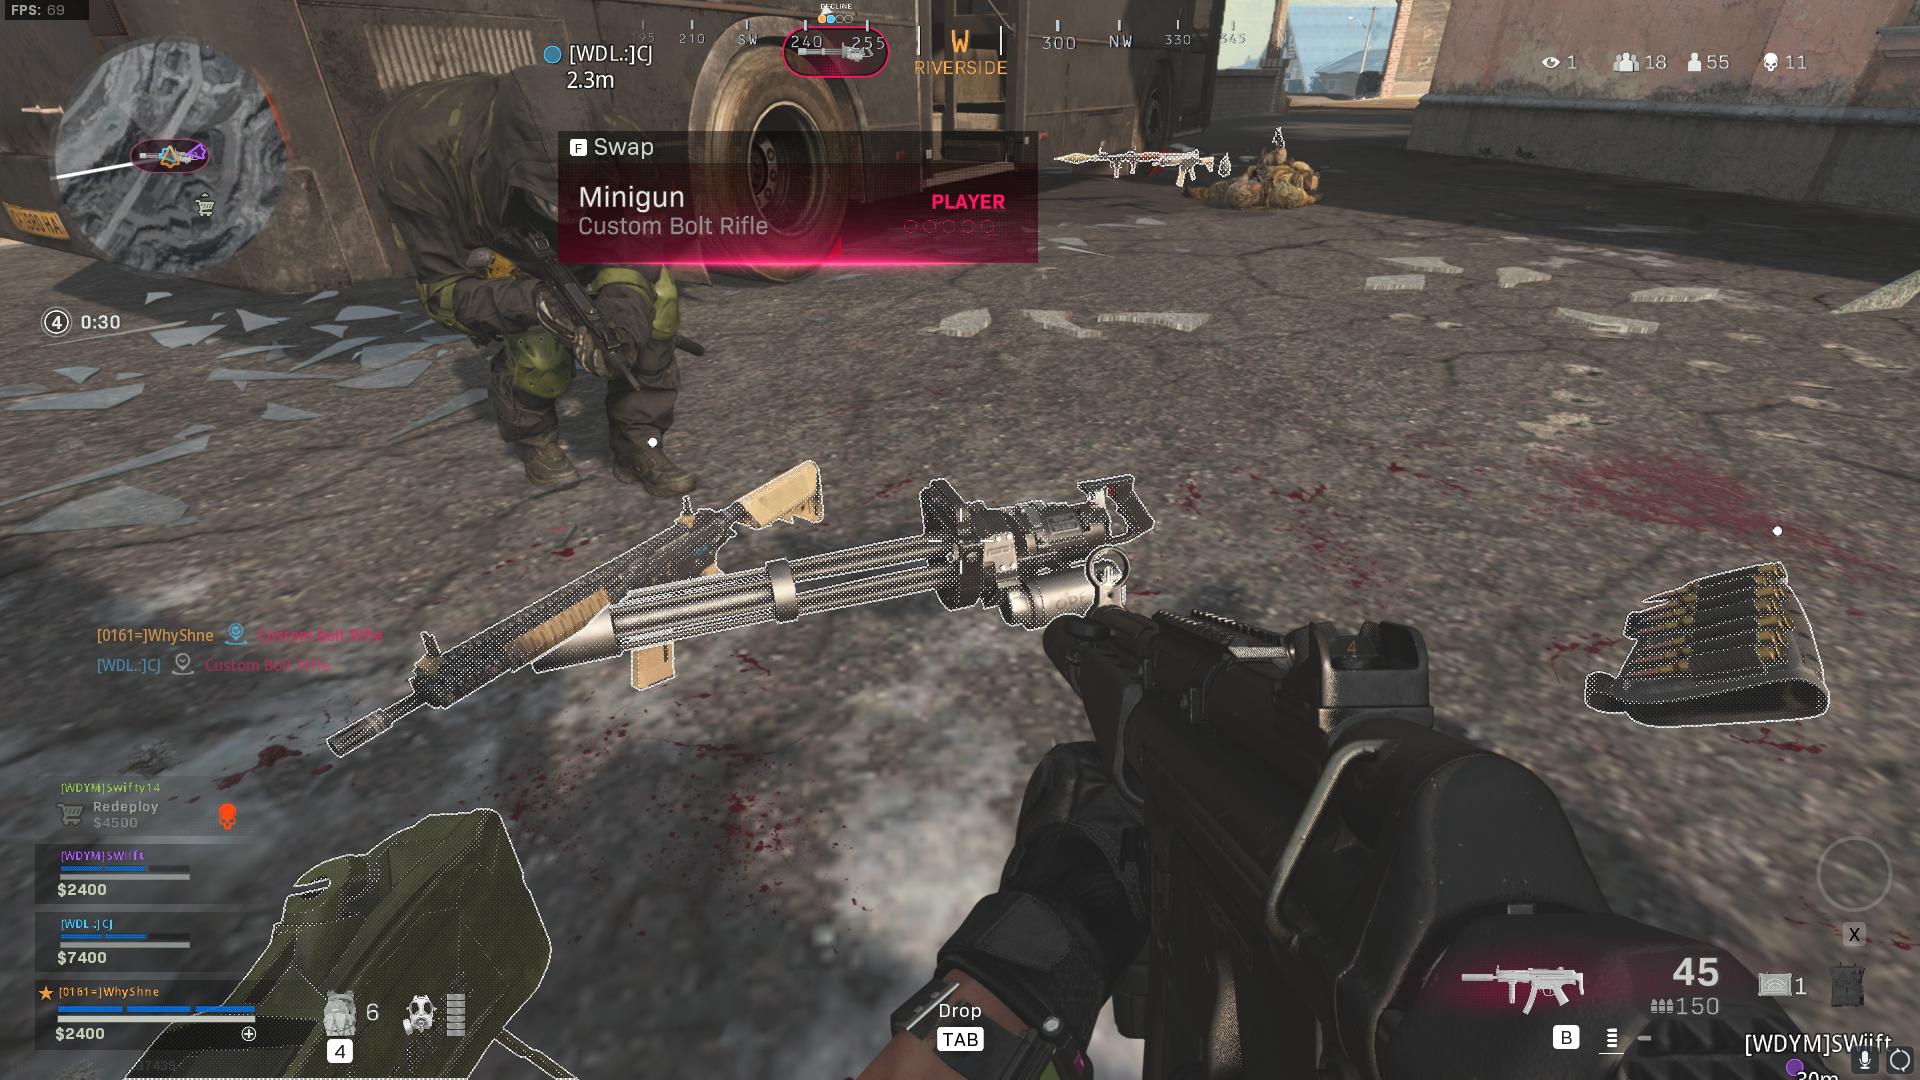 Call of Duty Warzone Minigun, Reddit Whyshne Infinity Ward